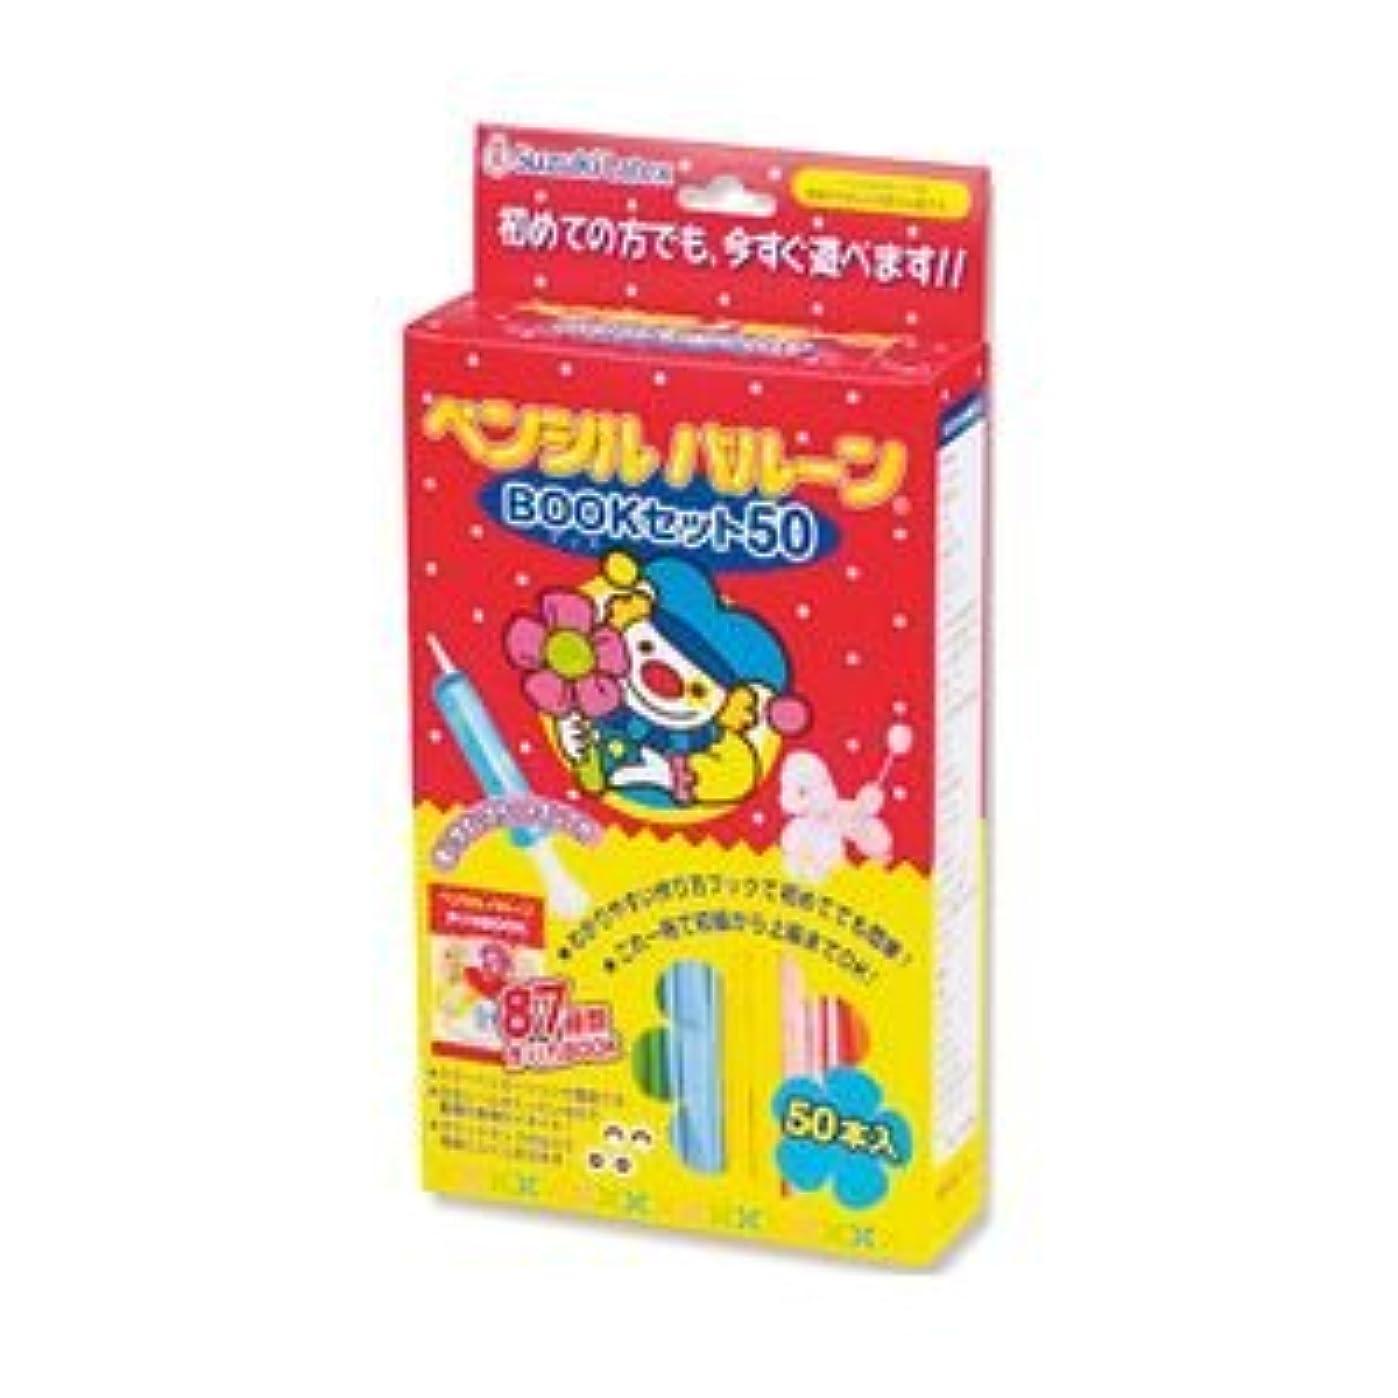 弓印象派機密鈴木ラテックス ペンシルバルーンBOOKセット 1パック(50本入)